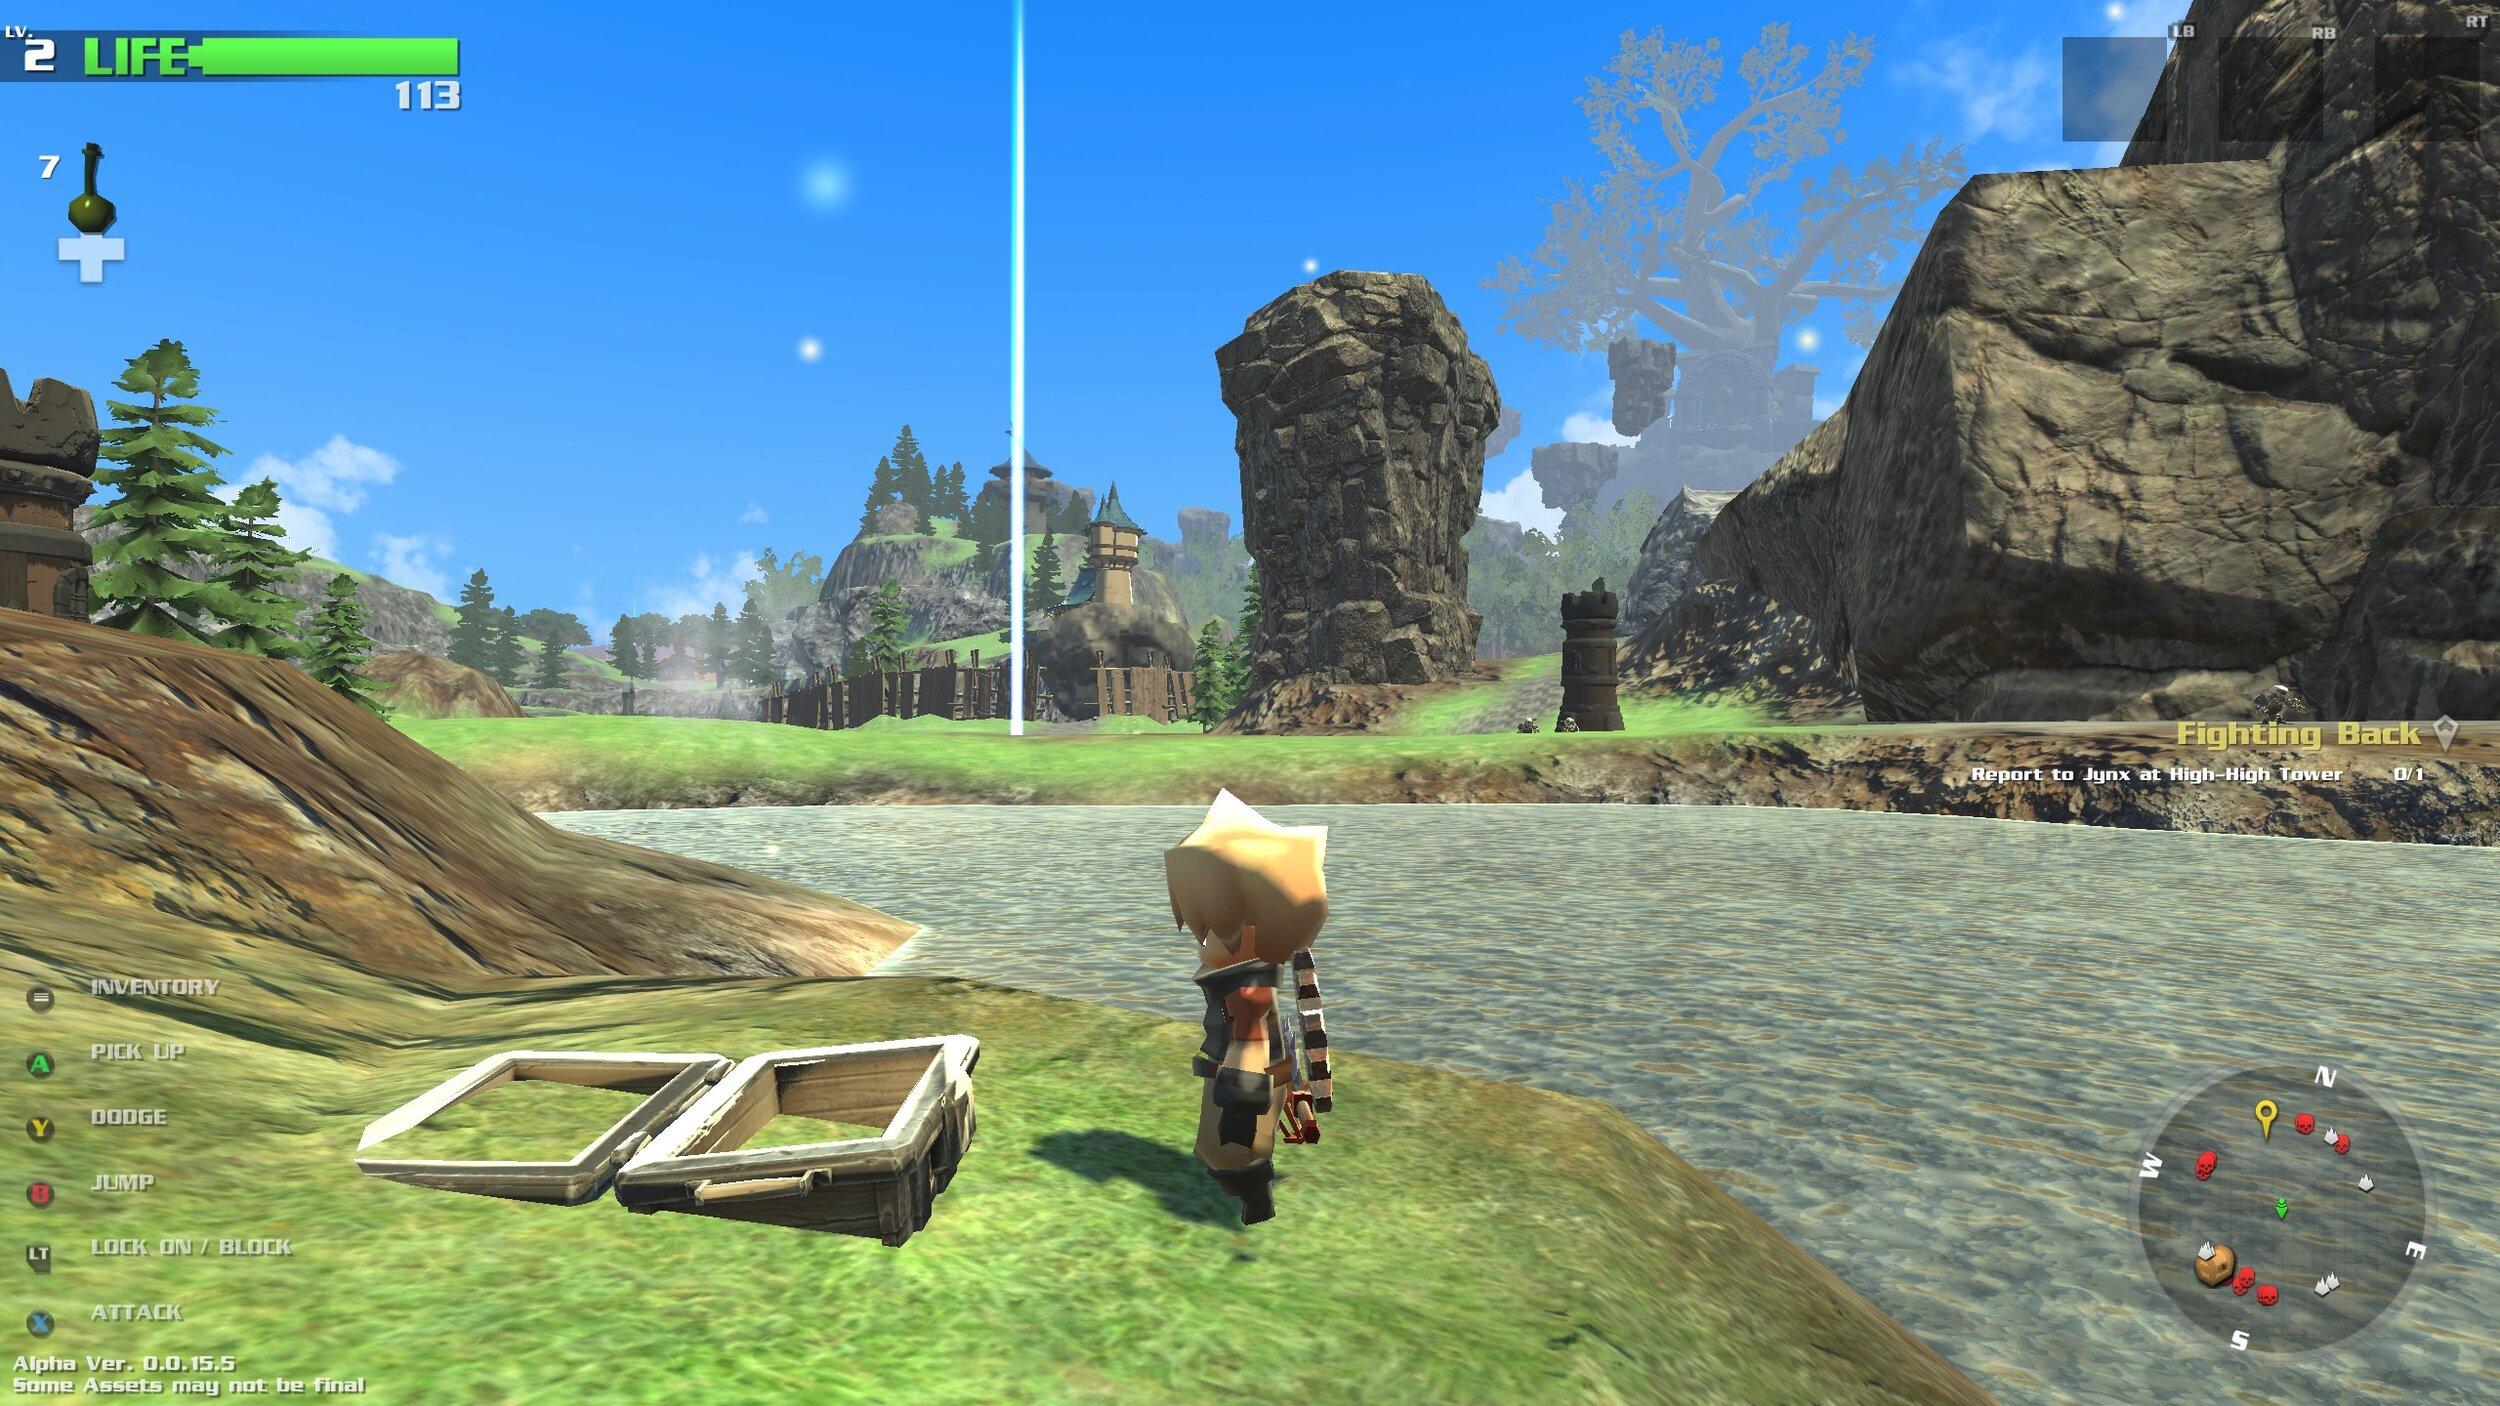 Nonostante la fase di Alpha, i paesaggi mostrati sono carini.